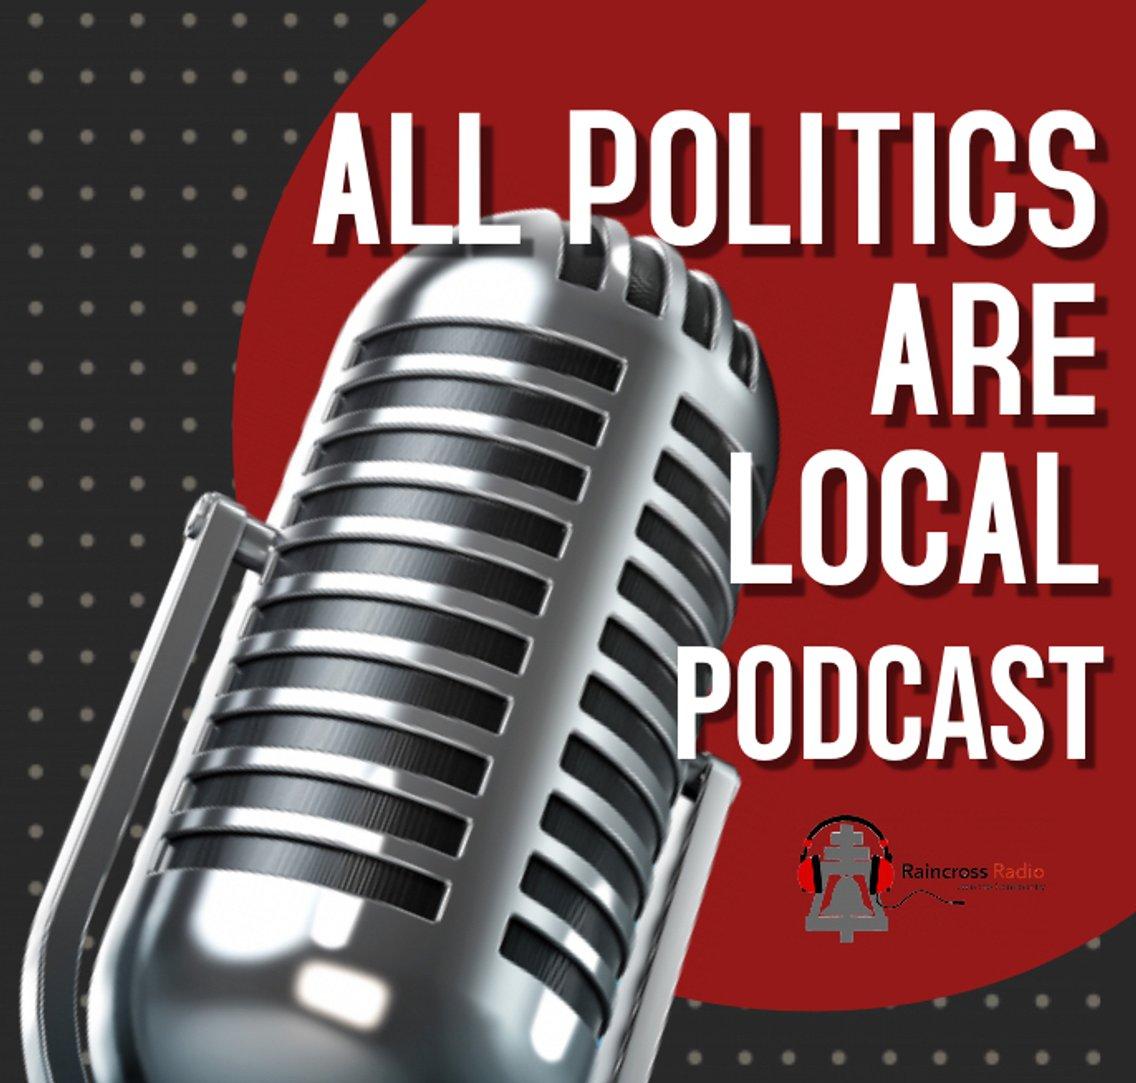 All Politics Are Local Podcast - Cover Image